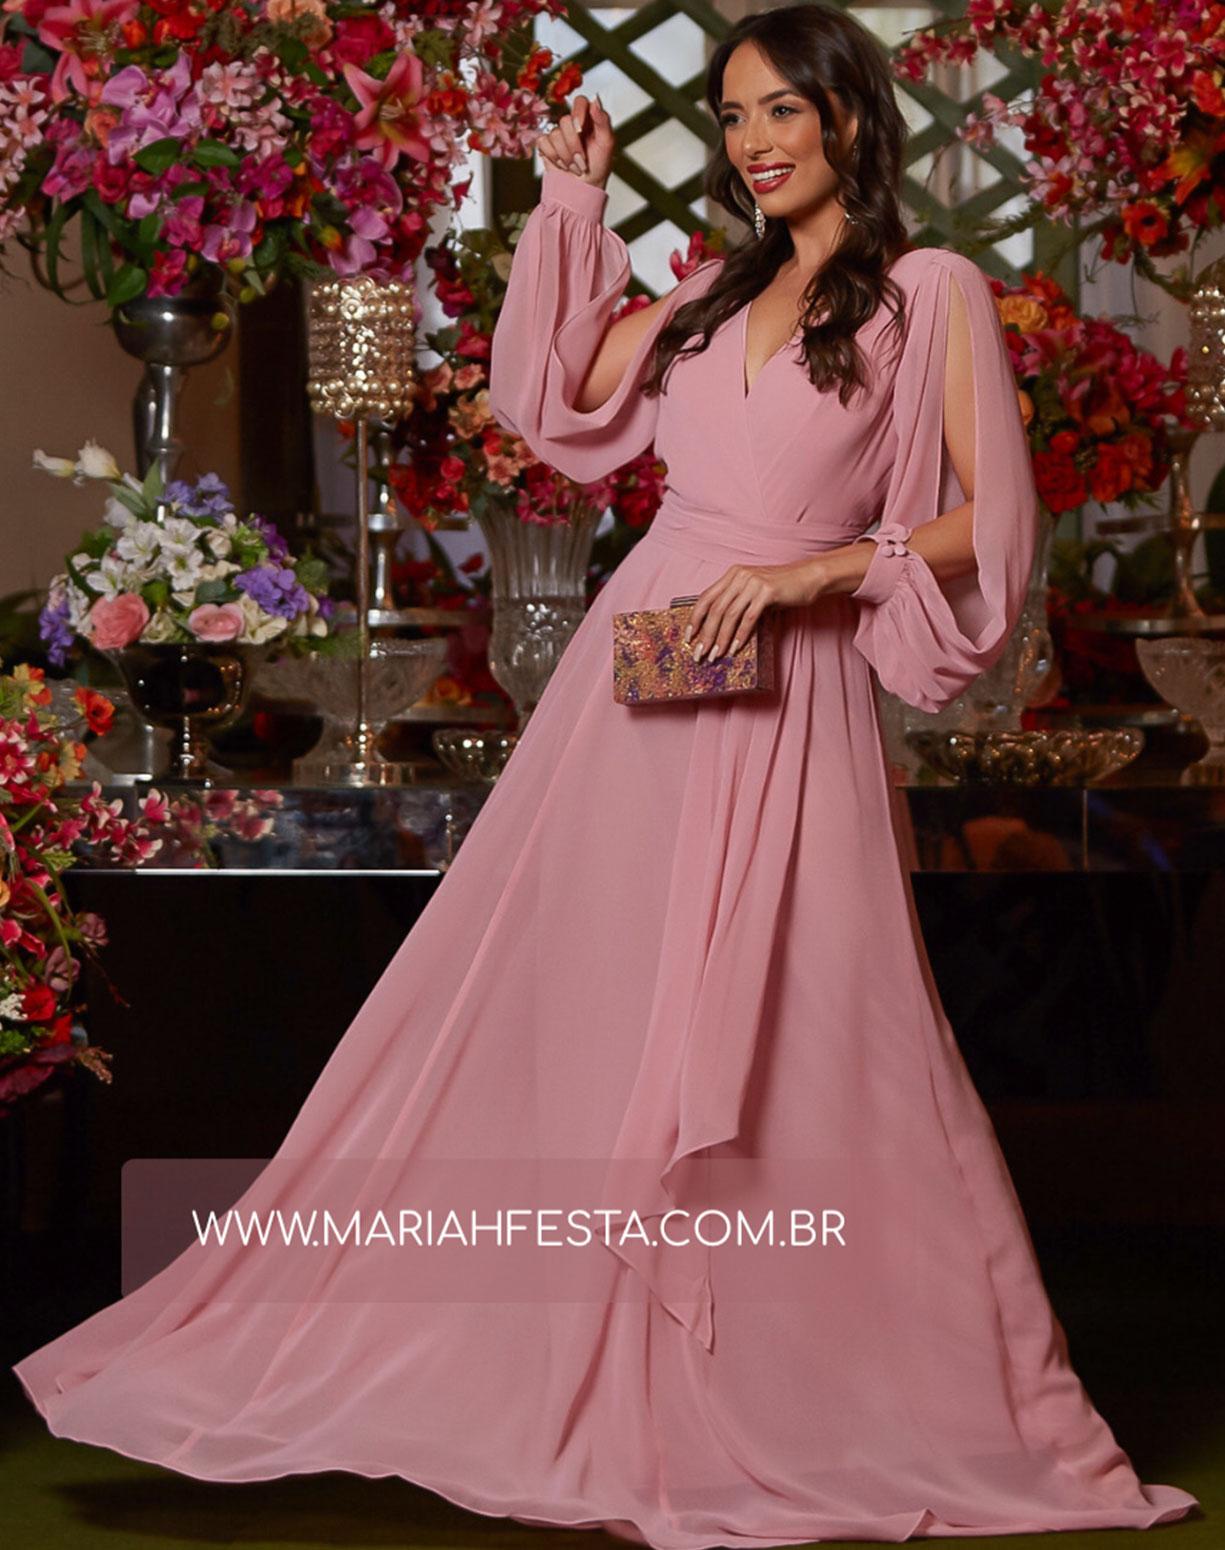 Vestido Rose Manga Longa com Decote nas Costas